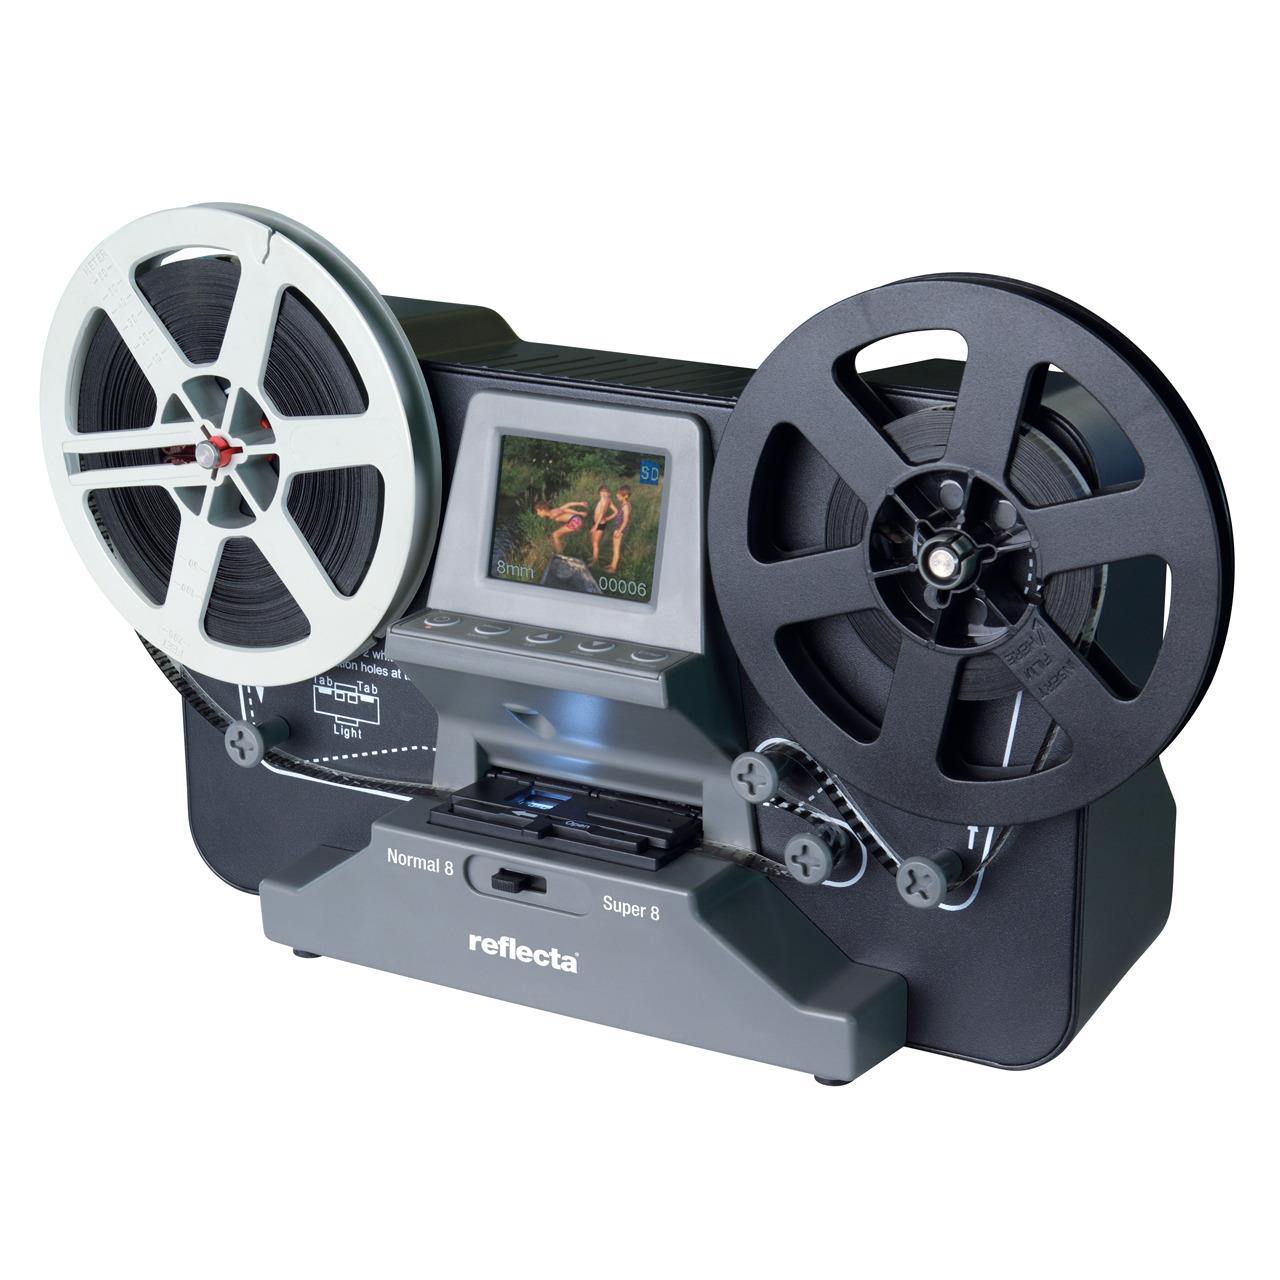 reflecta Film-Scanner Super 8 - Normal-8- speichert auf SD-Karte- 6-1-cm-Vorschaudisplay